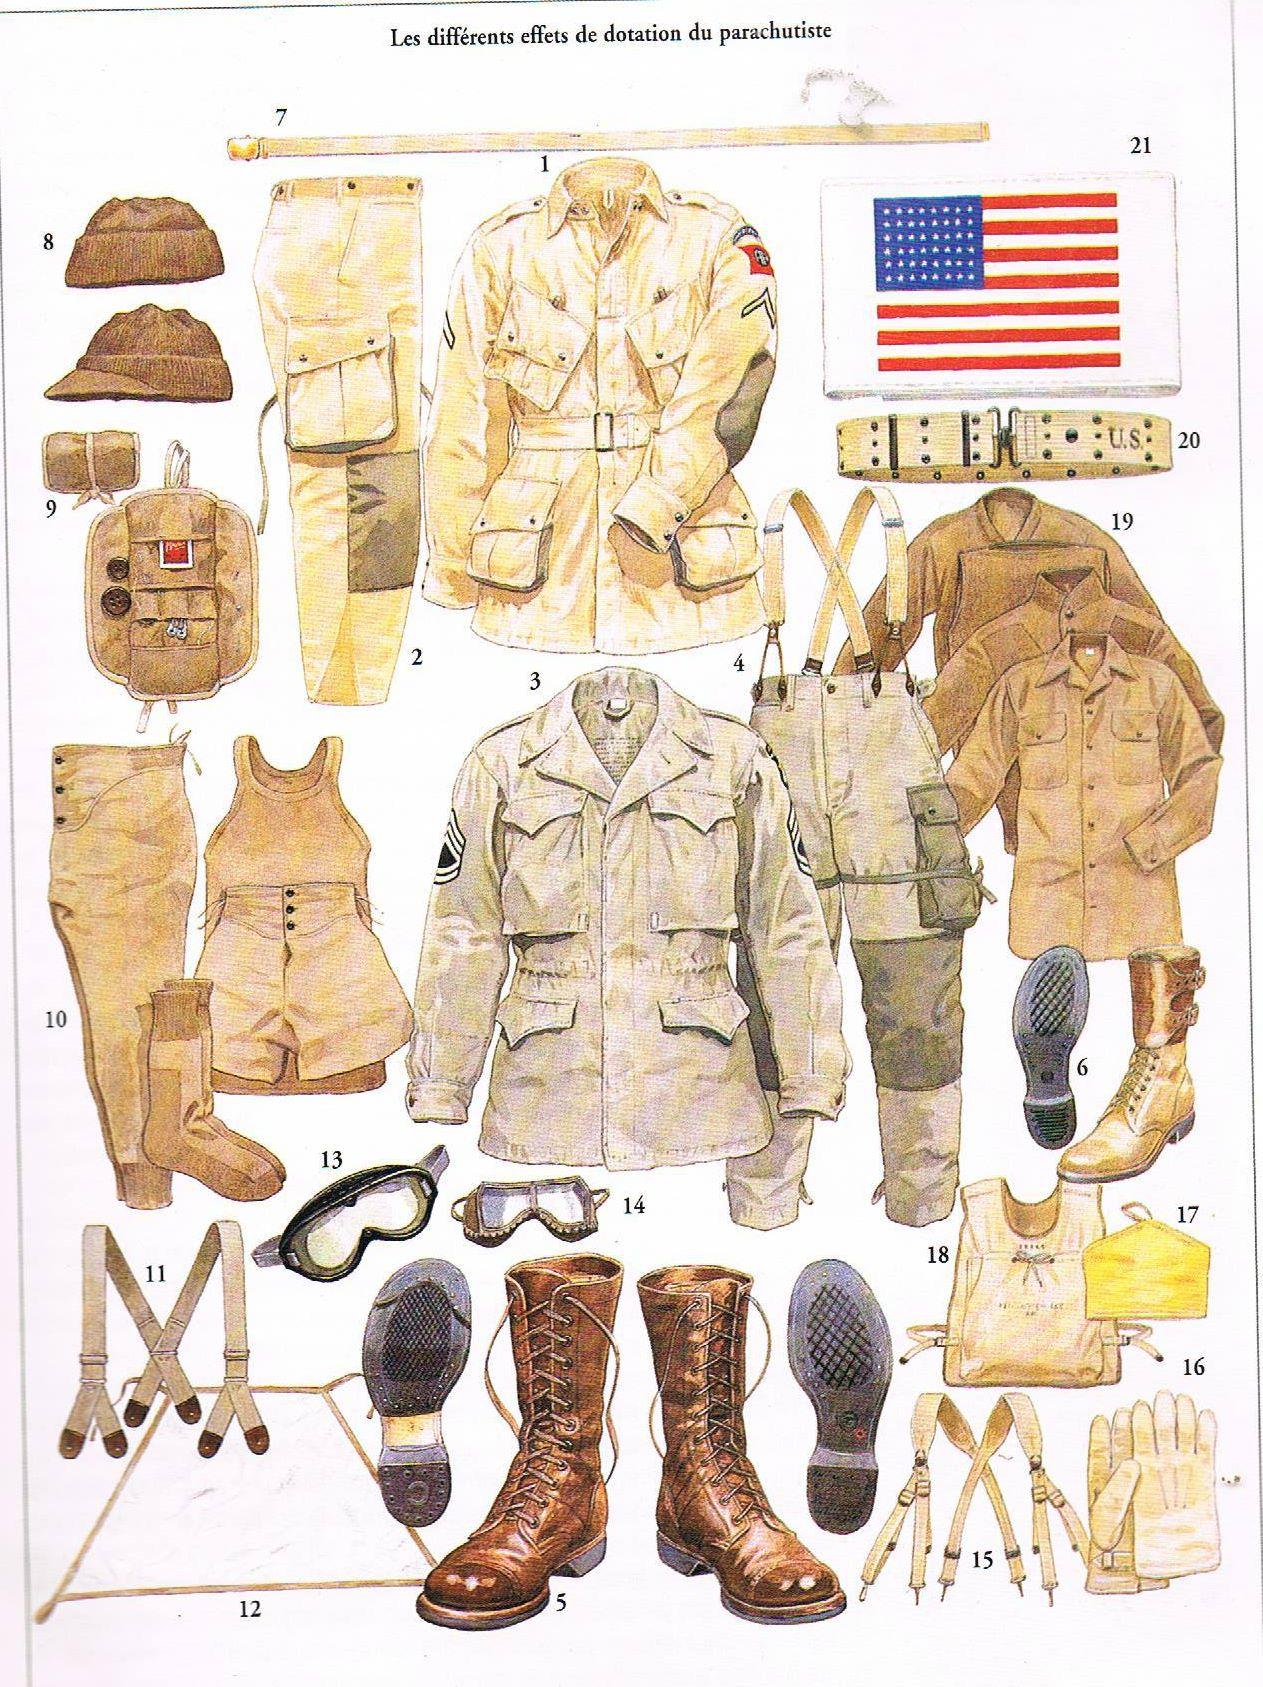 Troupes aéroportées américaines : Notions générales  2494_1146953_216949611796408_874164870_o